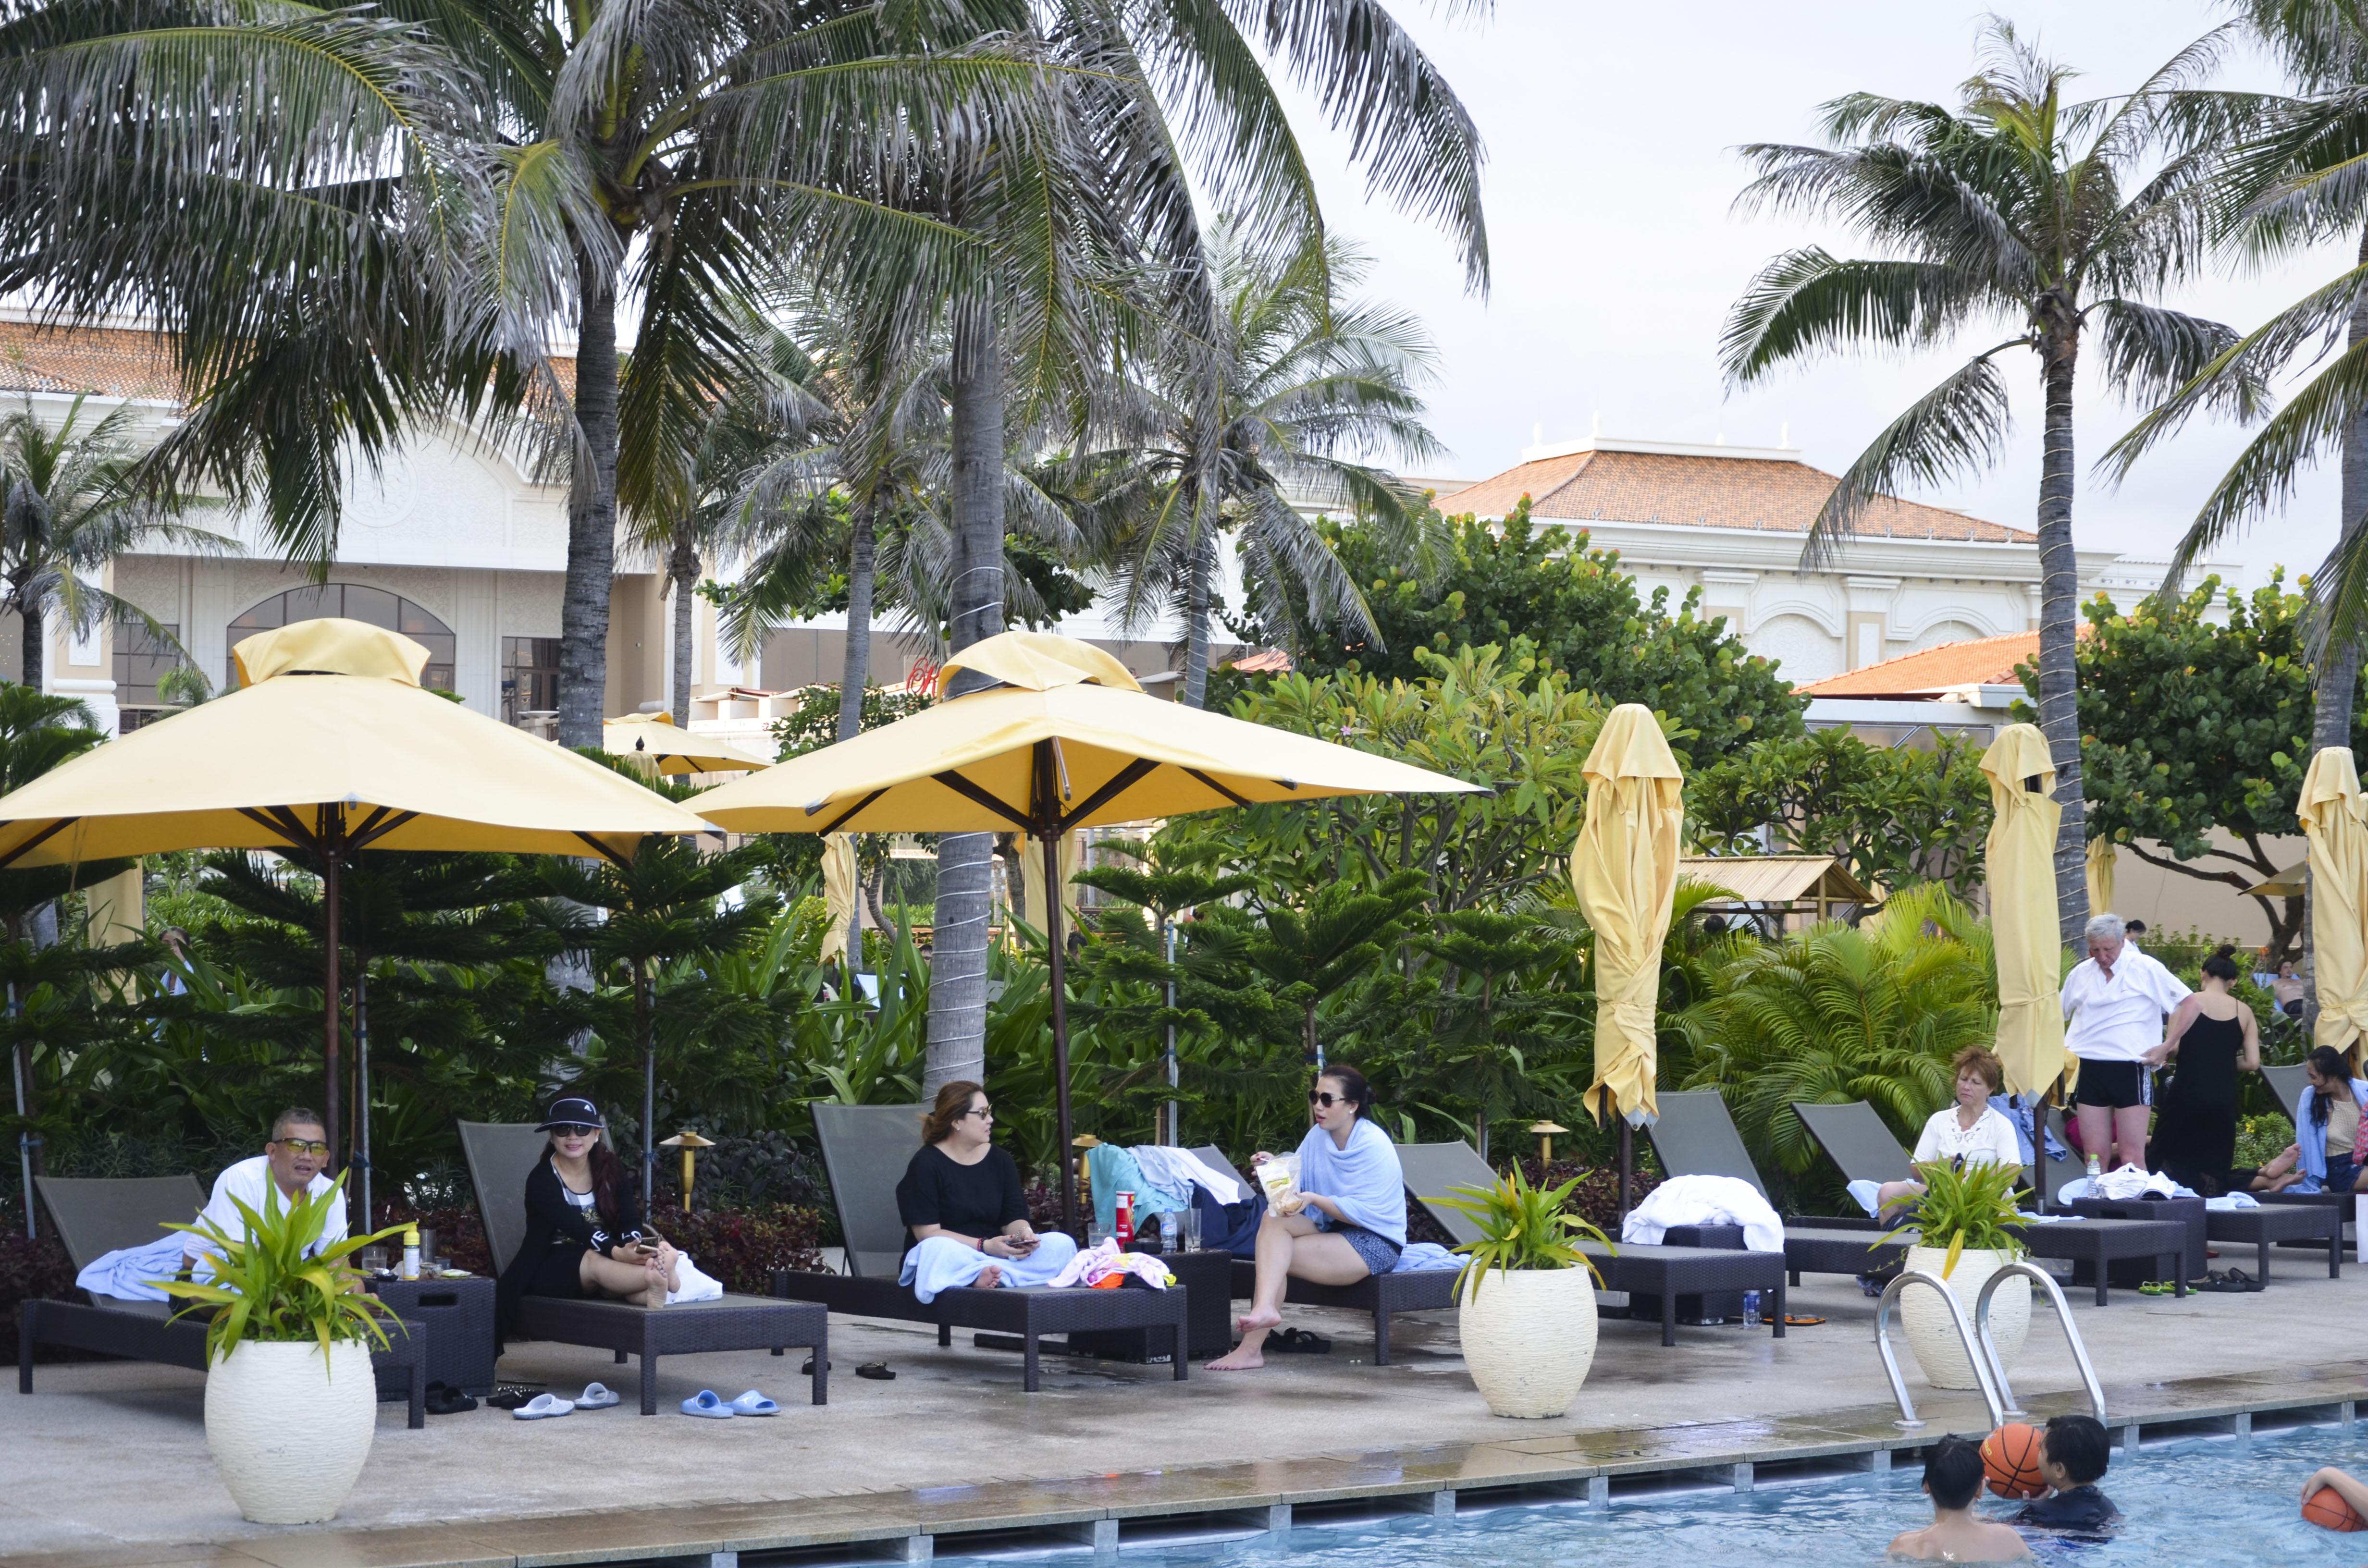 Bà Rịa - Vũng Tàu lập qui hoạch đô thị Hồ Tràm trên 5.063 ha - Ảnh 1.